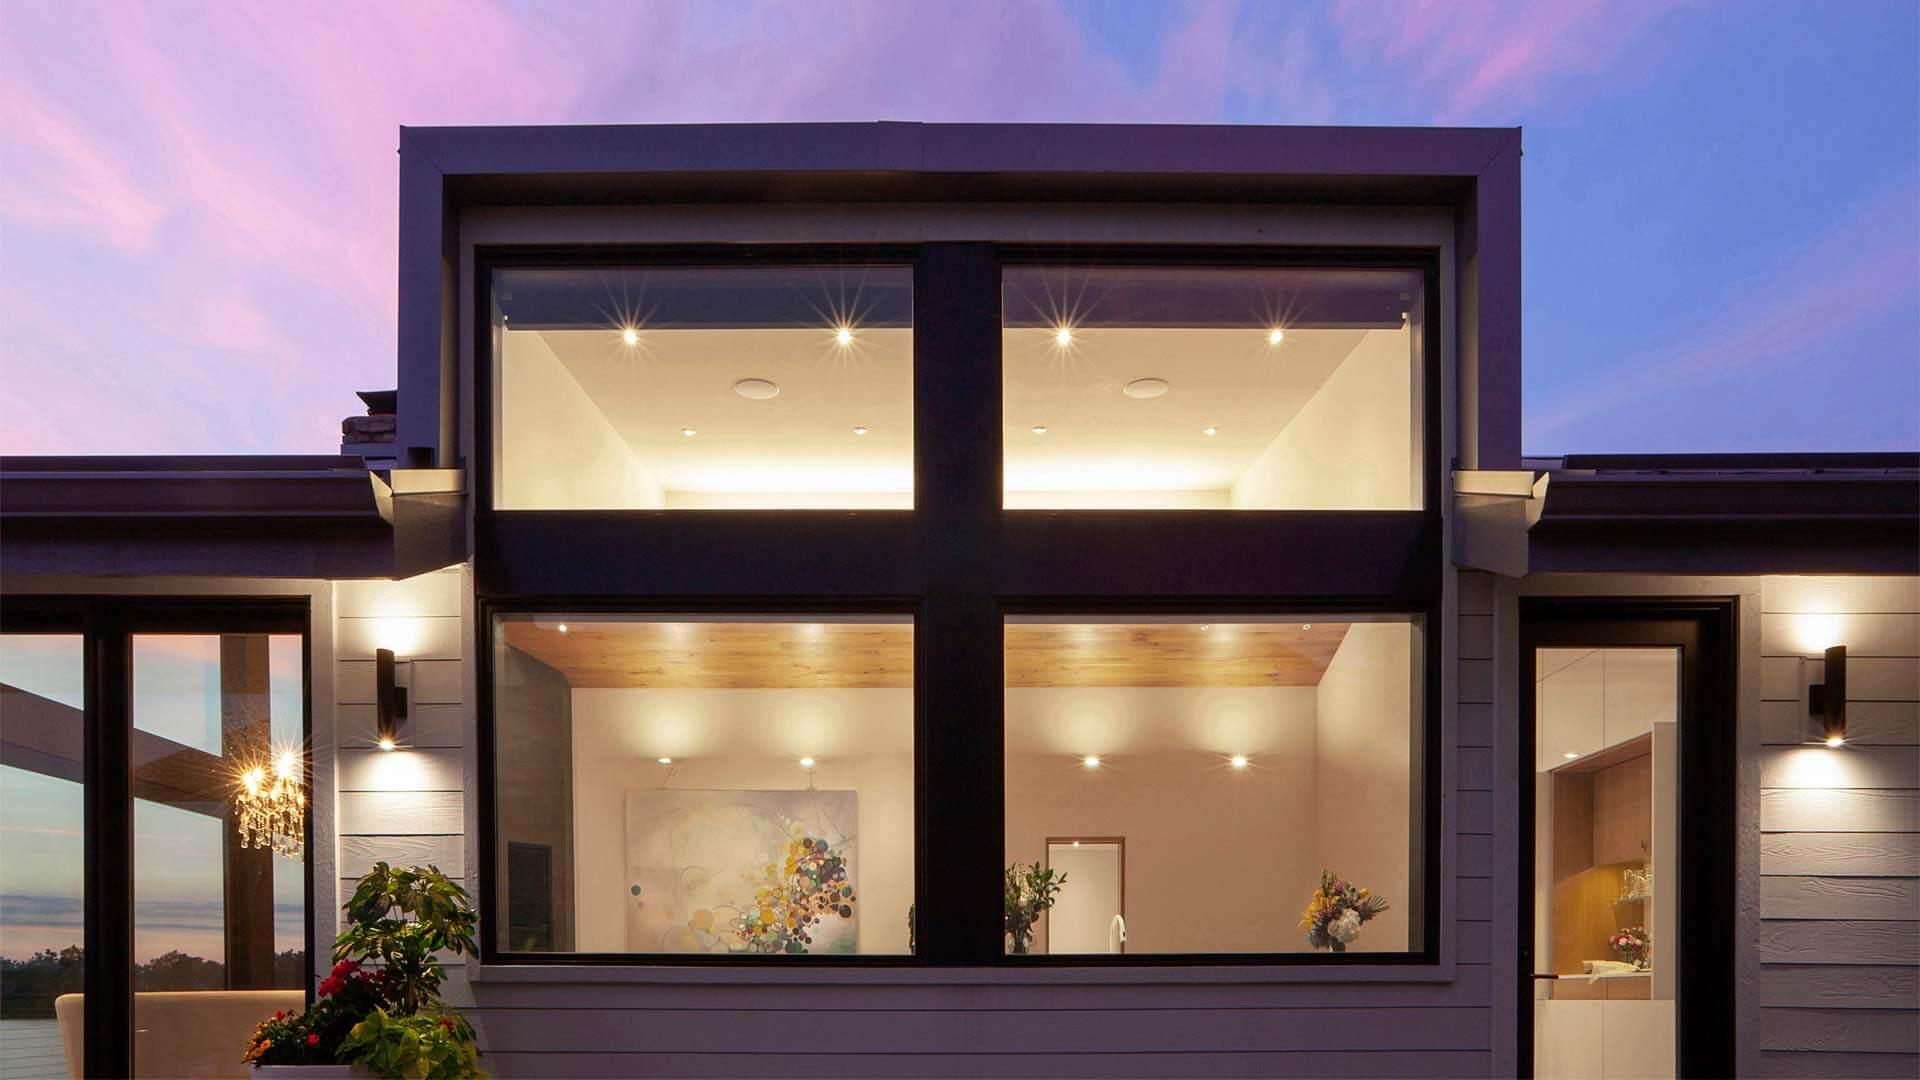 HAUS Architecture